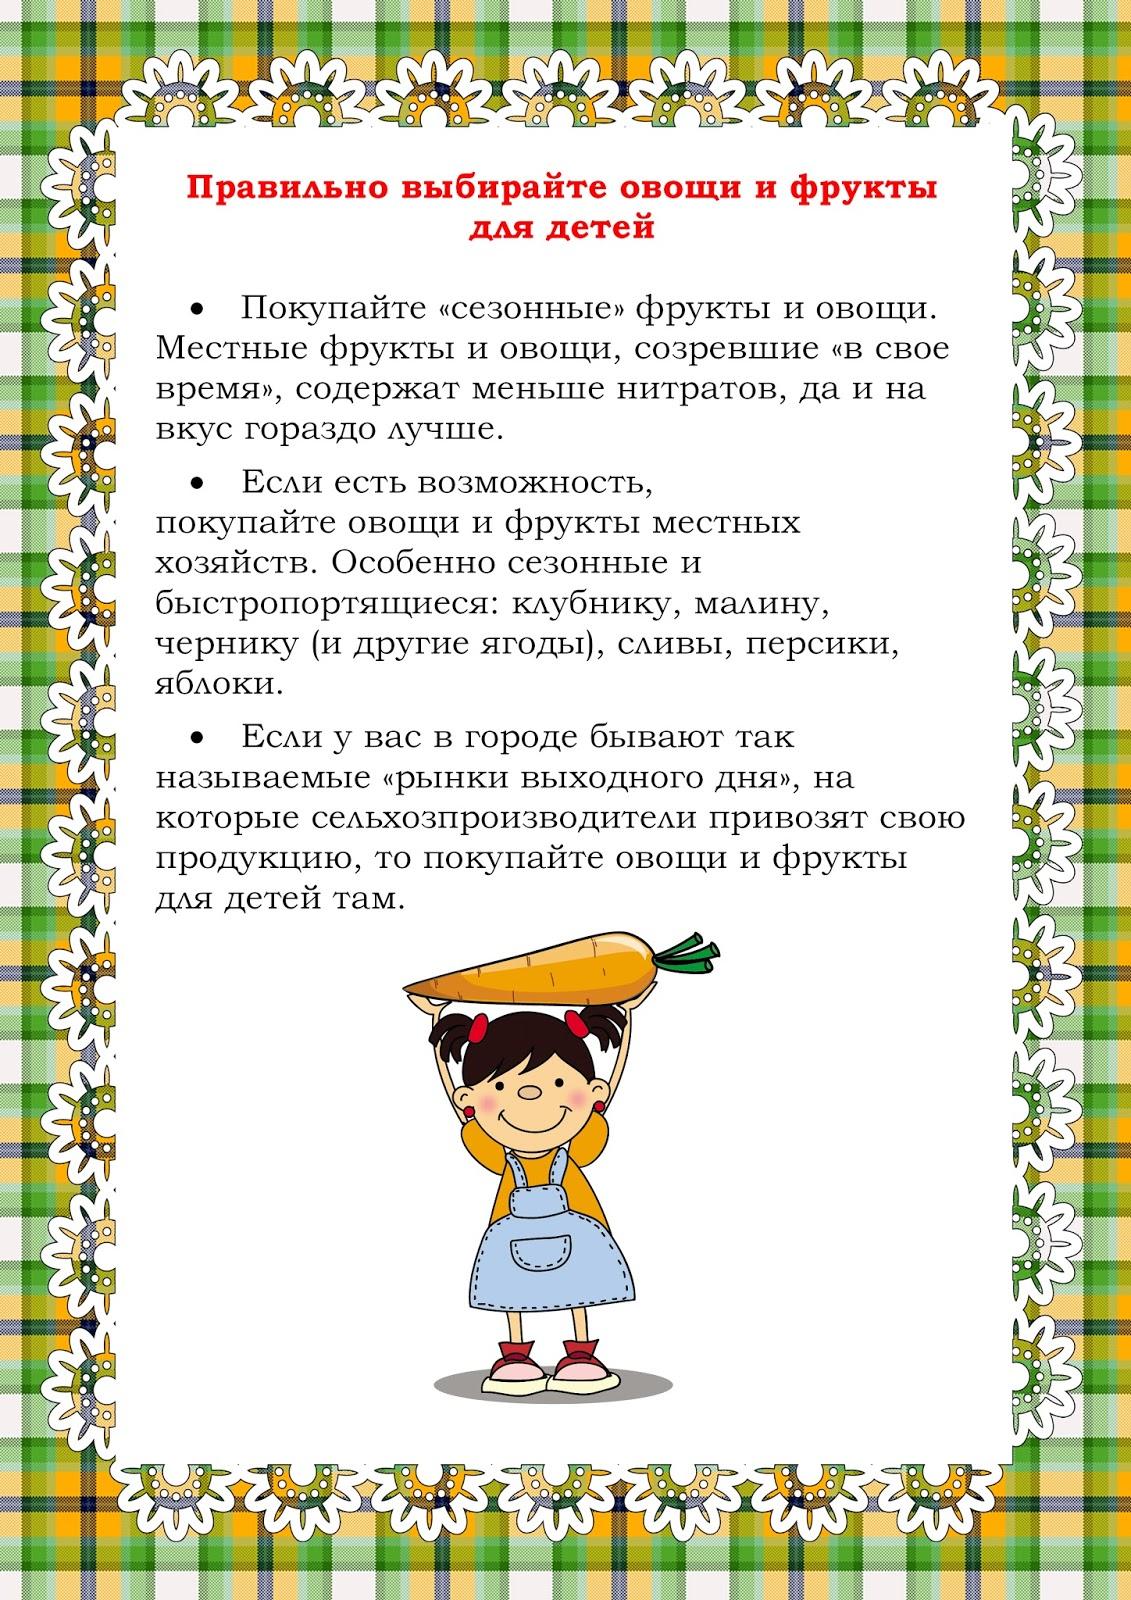 Как приучить ребенка есть овощи? результаты одного эксперимента